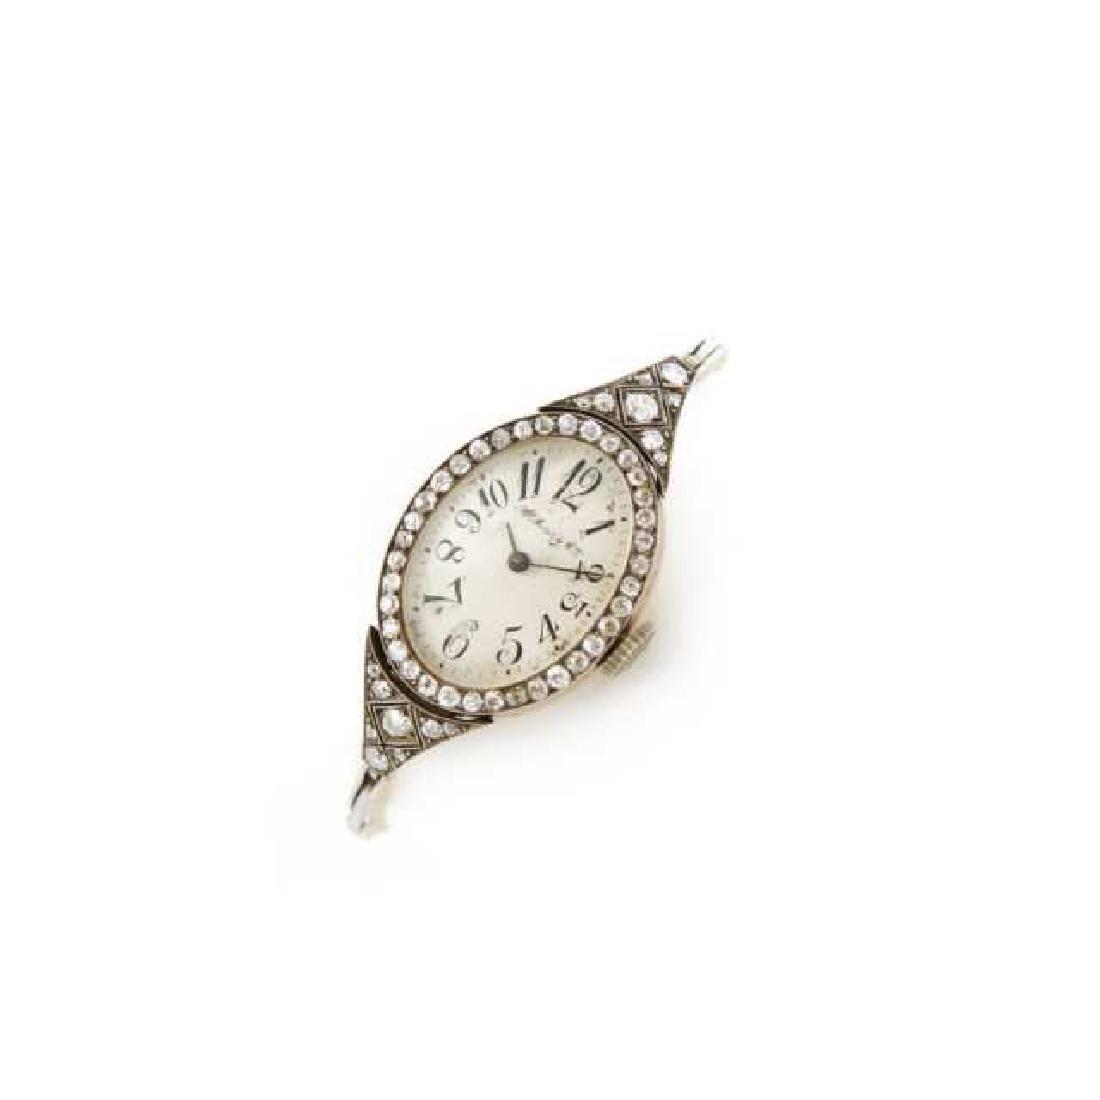 Lady's H. Moser & Cie. Wristwatch